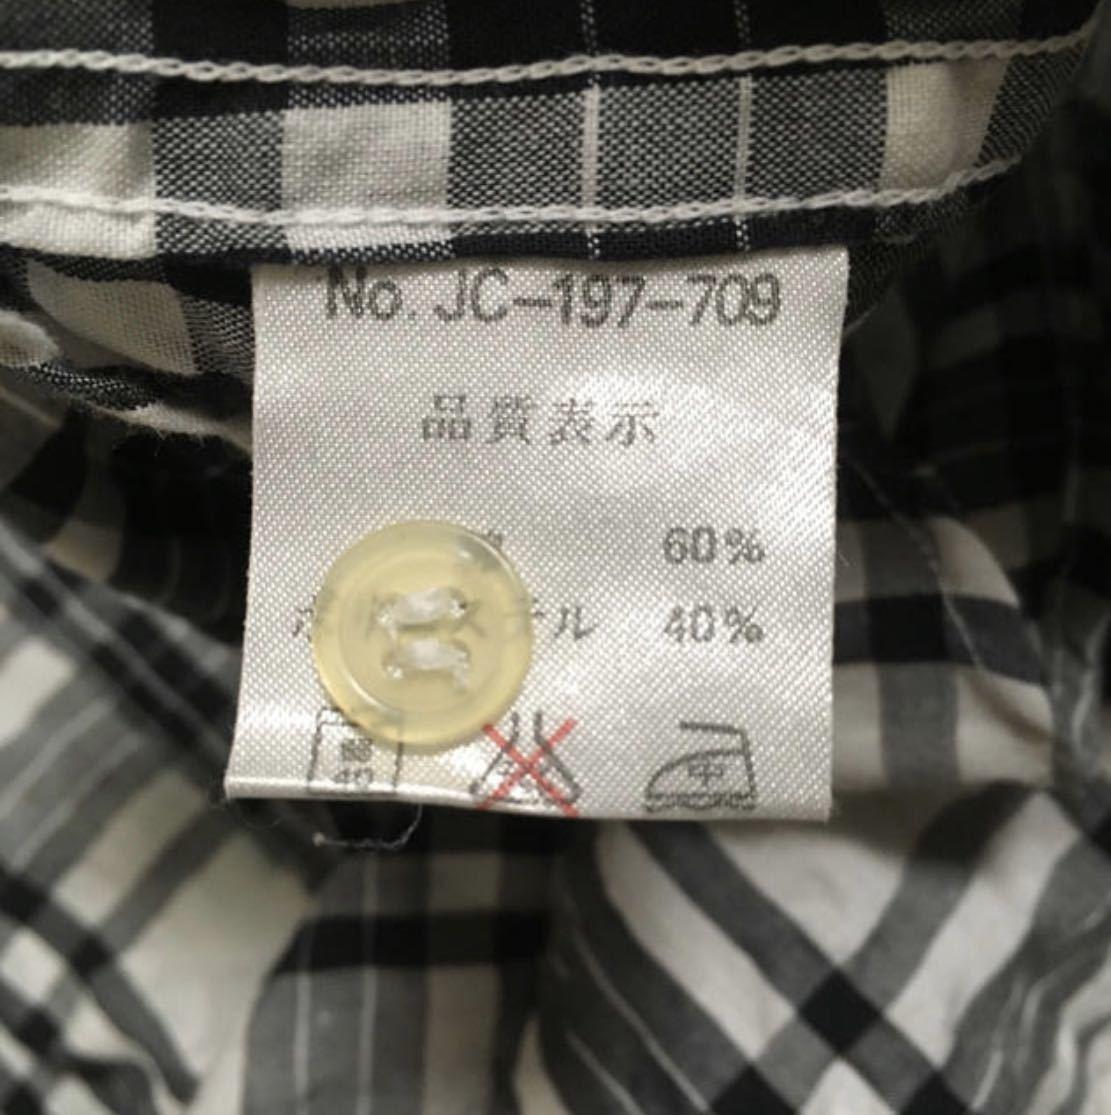 メンズ チェックシャツ*柄シャツ*薄手シャツ*LL 大きいサイズ*羽織り☆ゆうパケット送料無料!